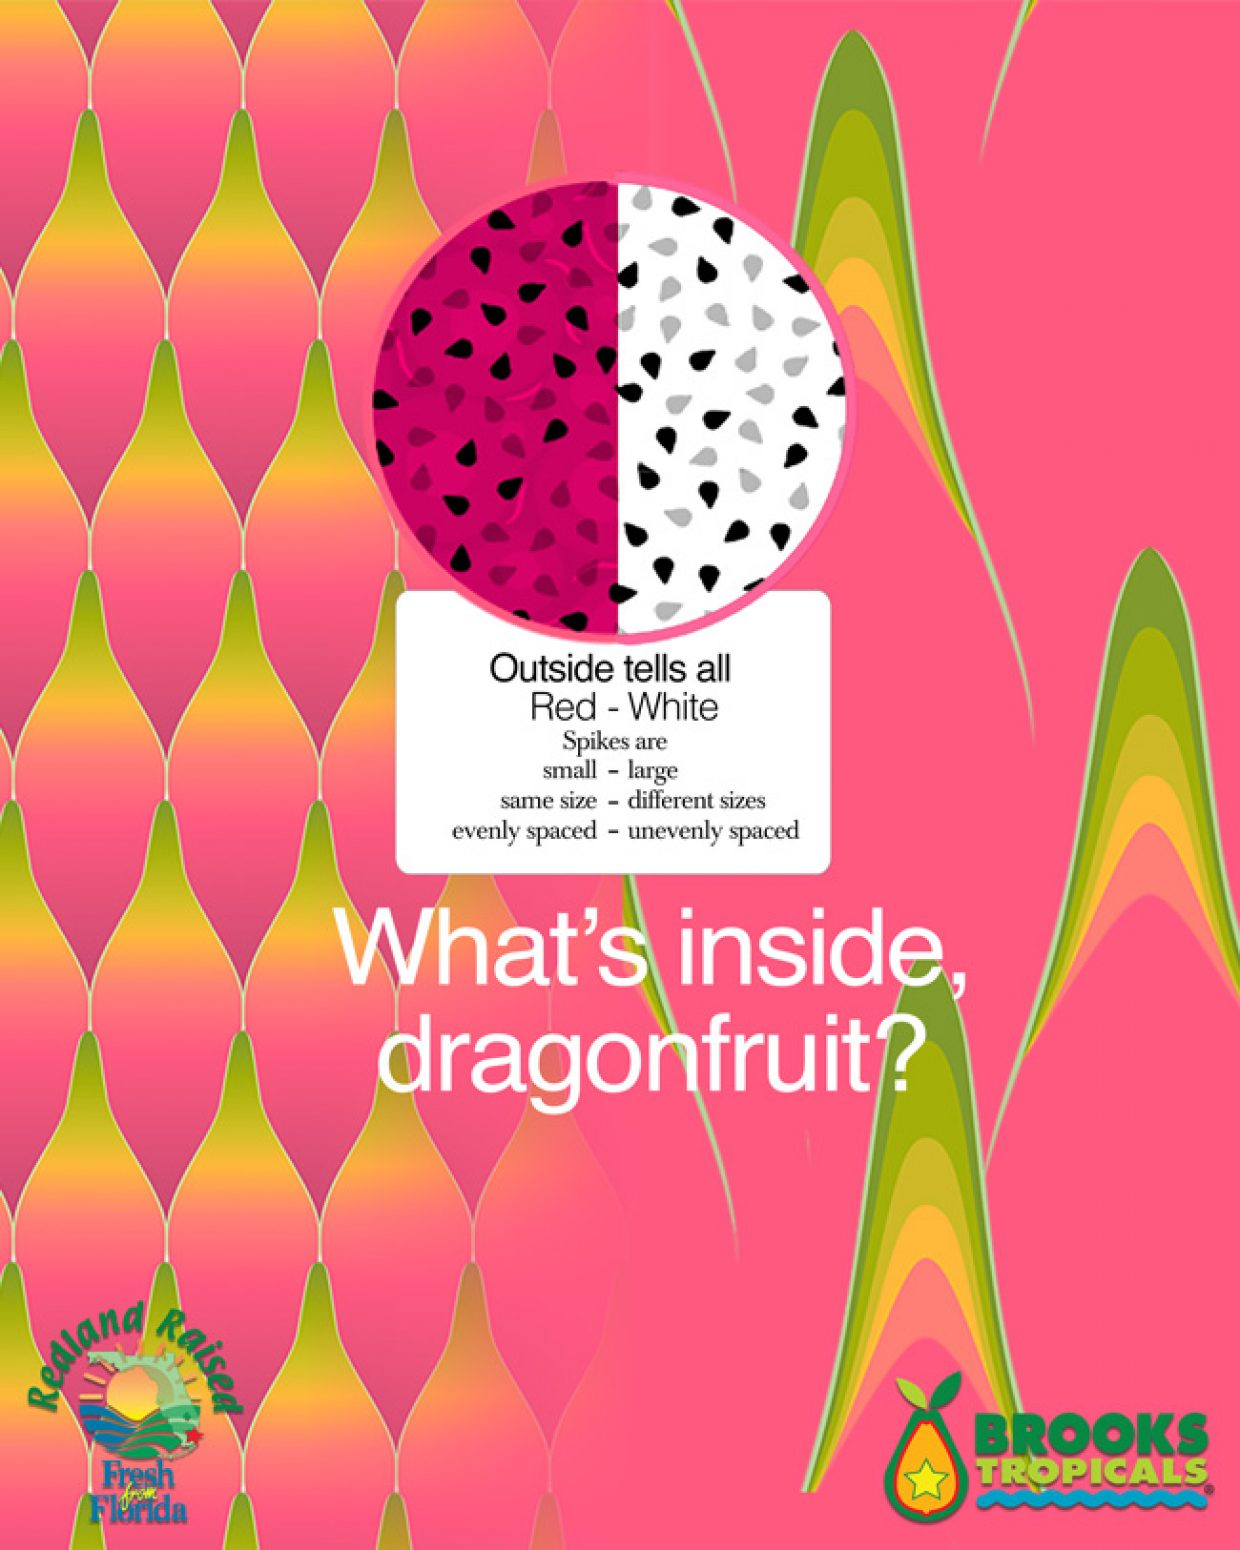 What's inside, dragonfruit?